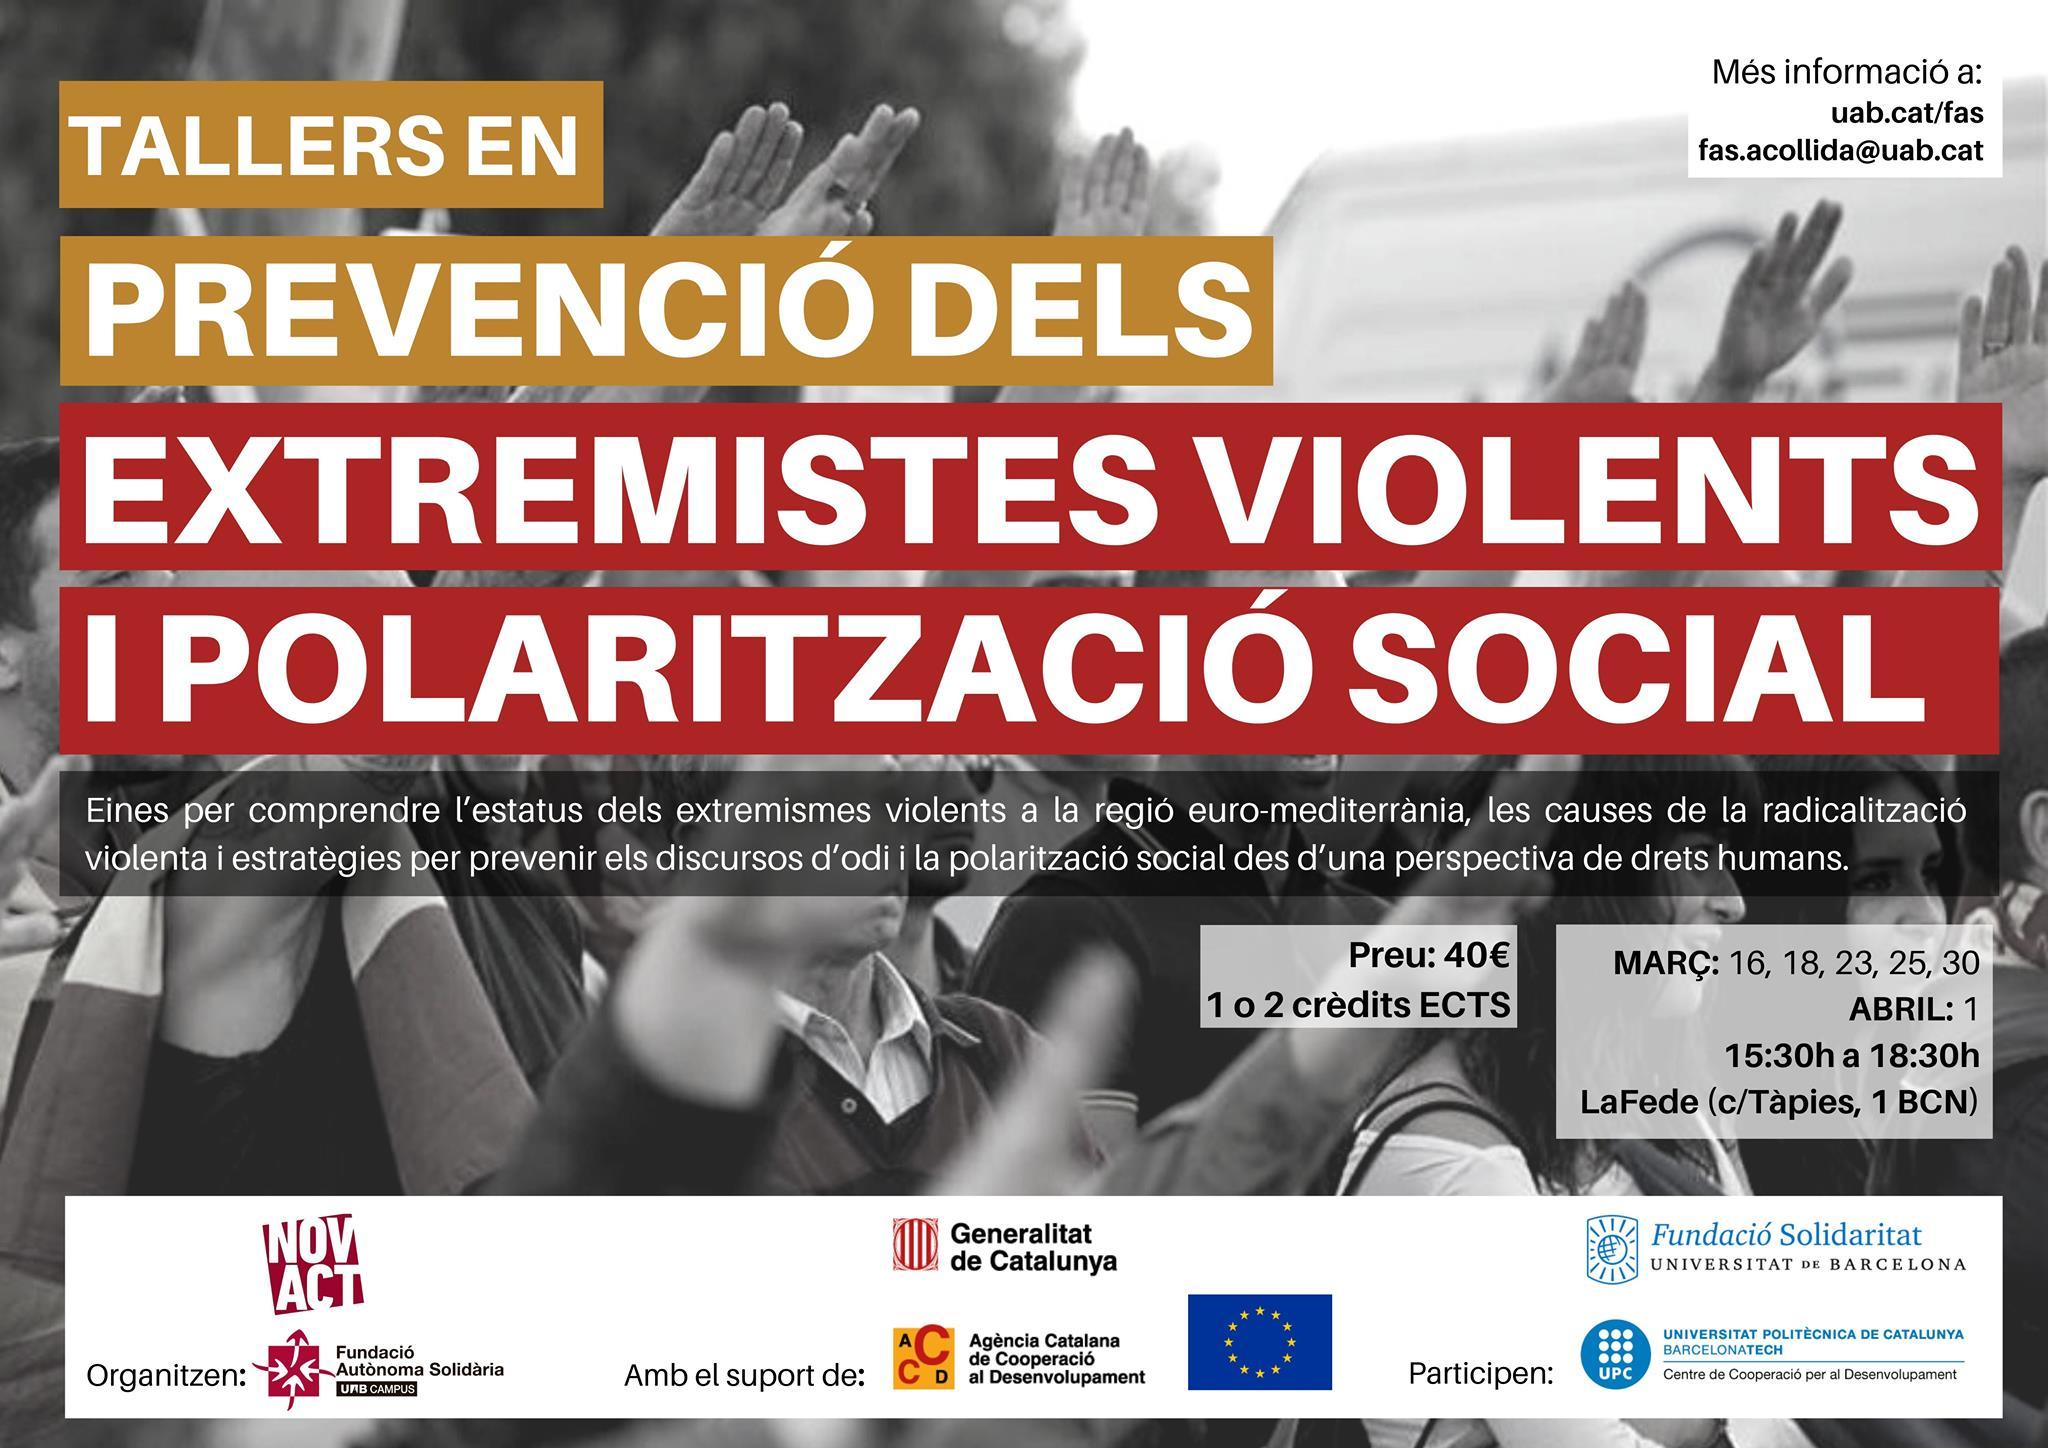 Formación: Curso inter-universitario en prevención de los extremismos violentos y polarización